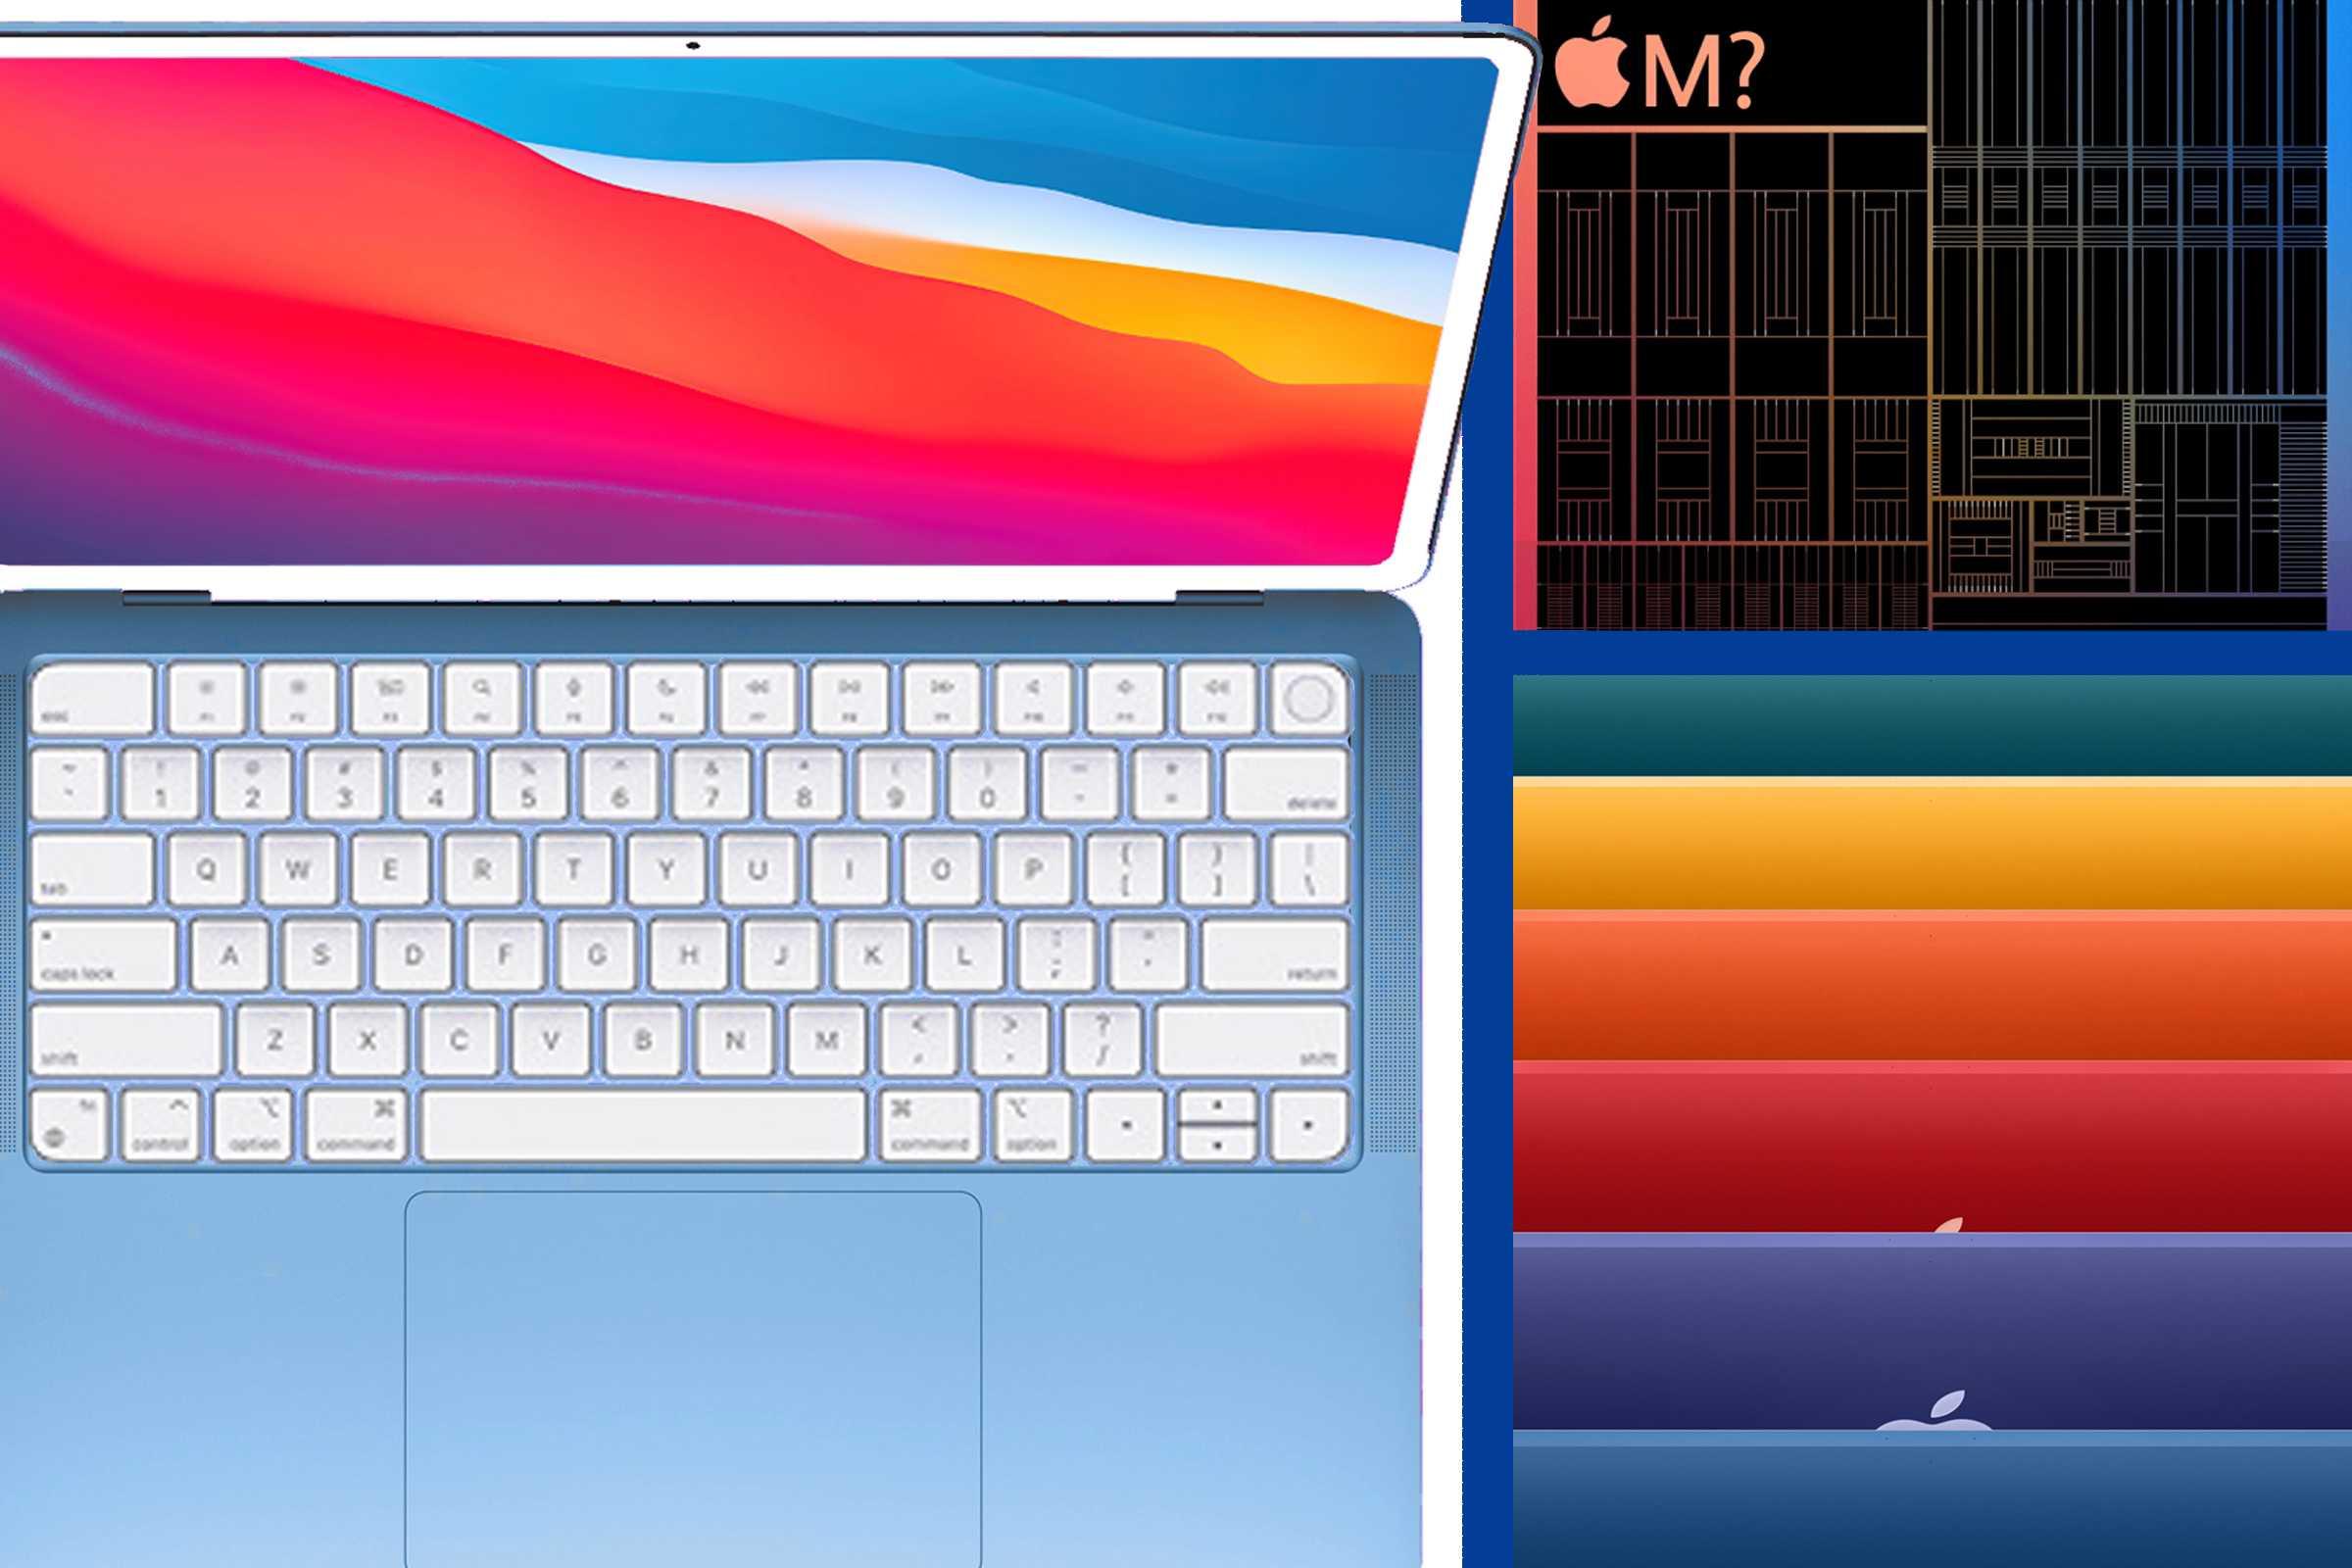 2021 MacBook/MacBook Air: Specs, colors, design, price ...